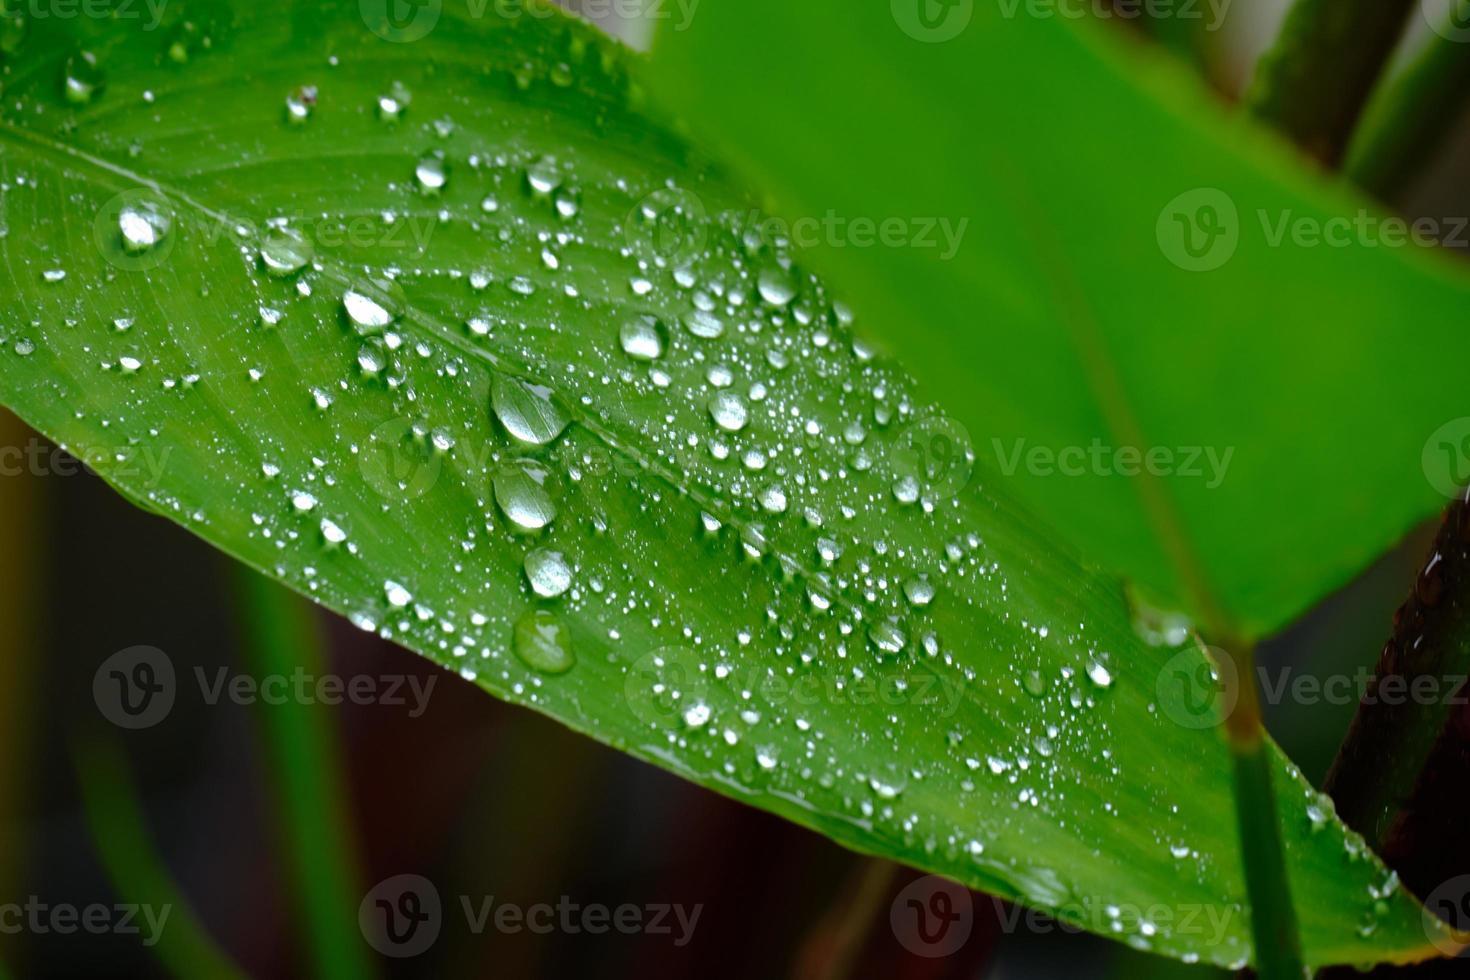 hojas verdes mojadas con gotas de agua y rocío revoloteando bajo la lluvia. foto